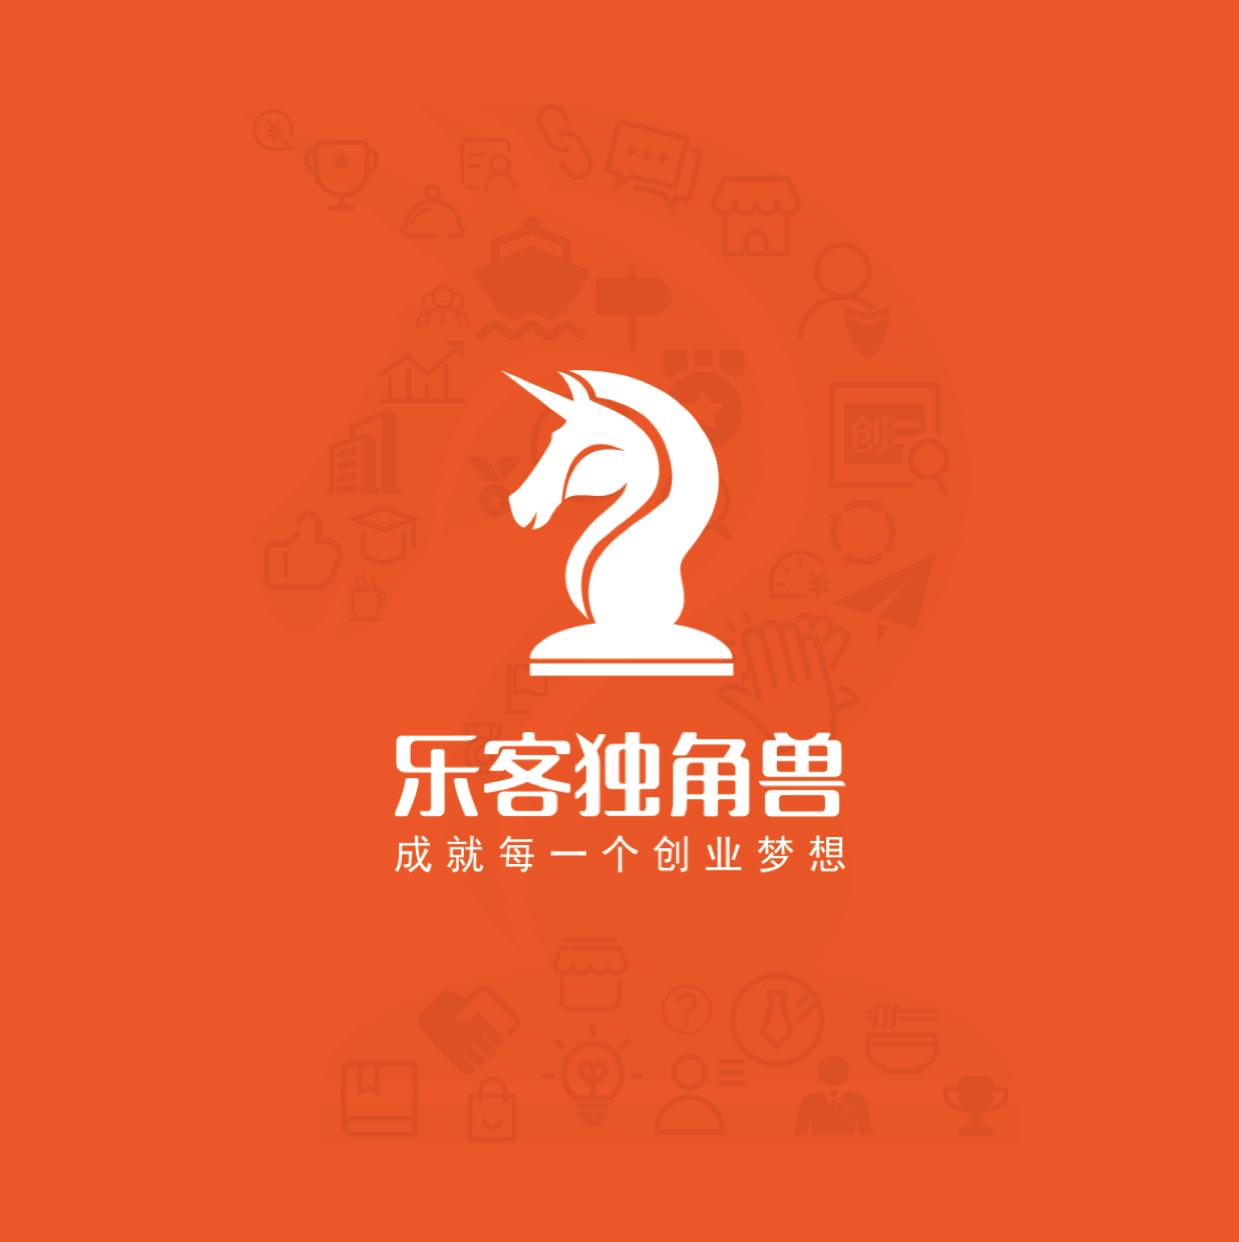 丰顺县云辰网络科技有限公司